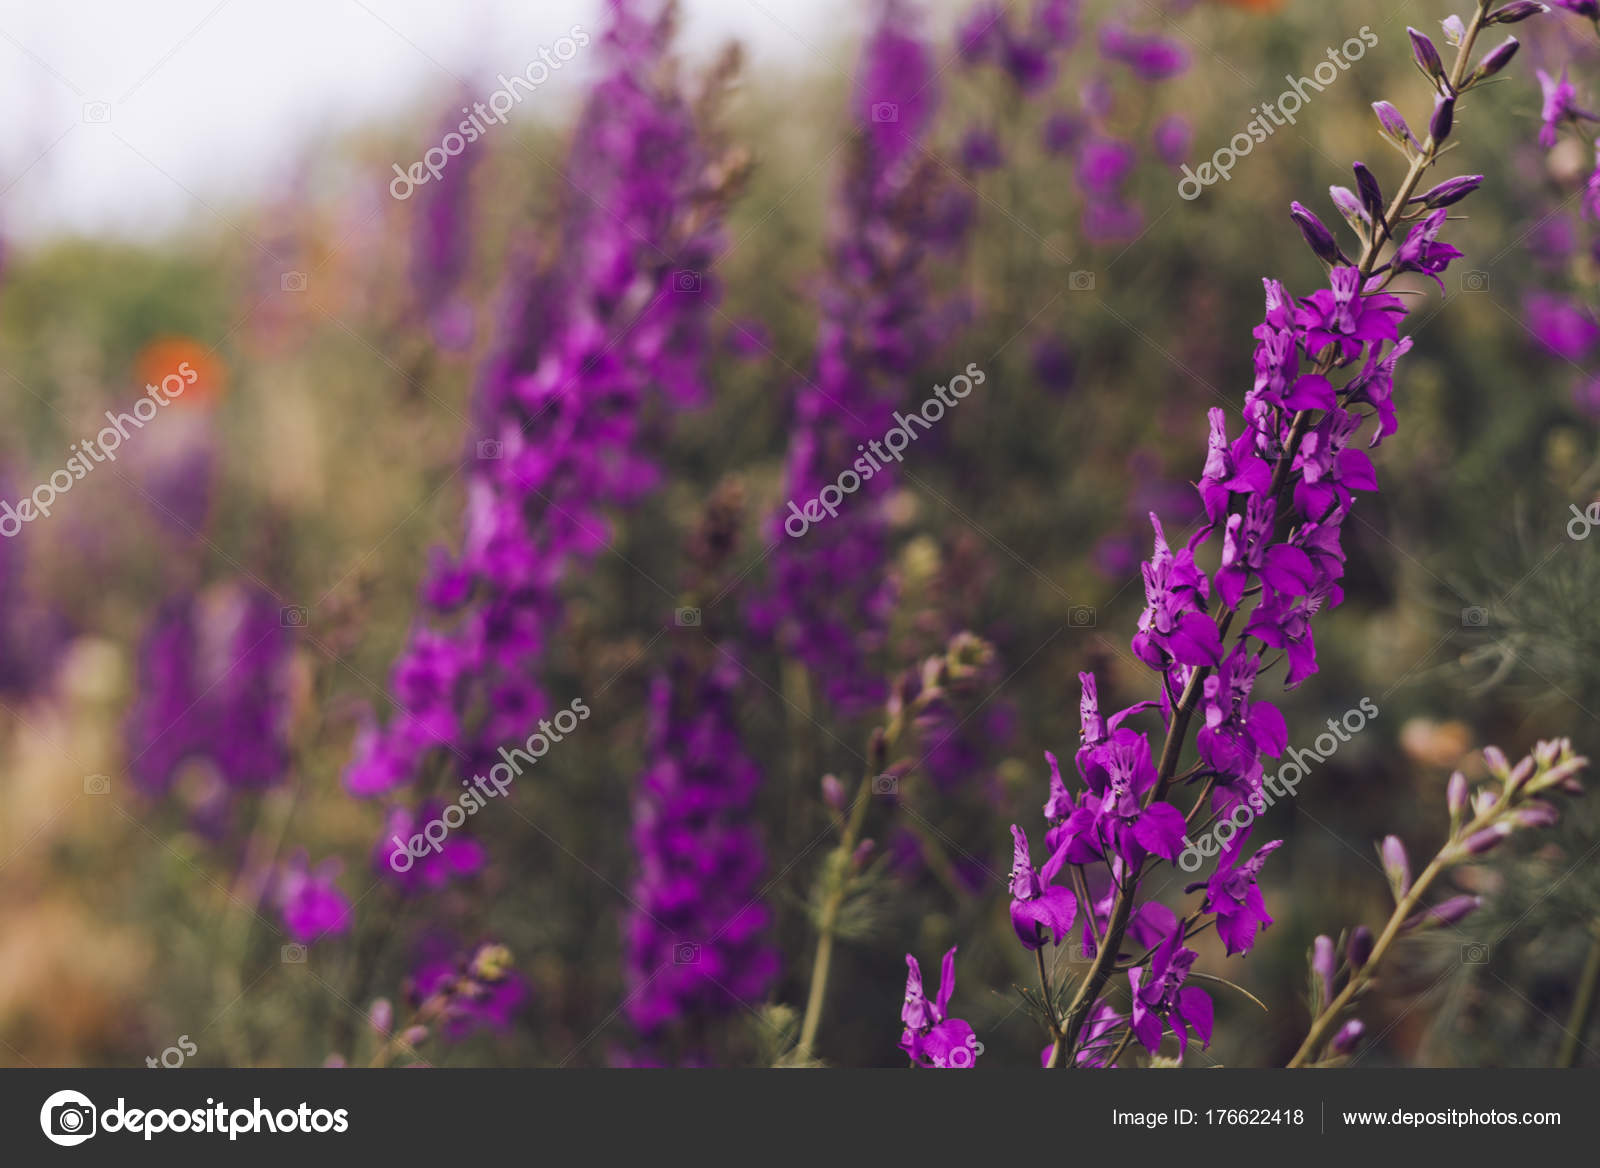 dans le jardin poussent de belles fleurs mauves odorantes ...